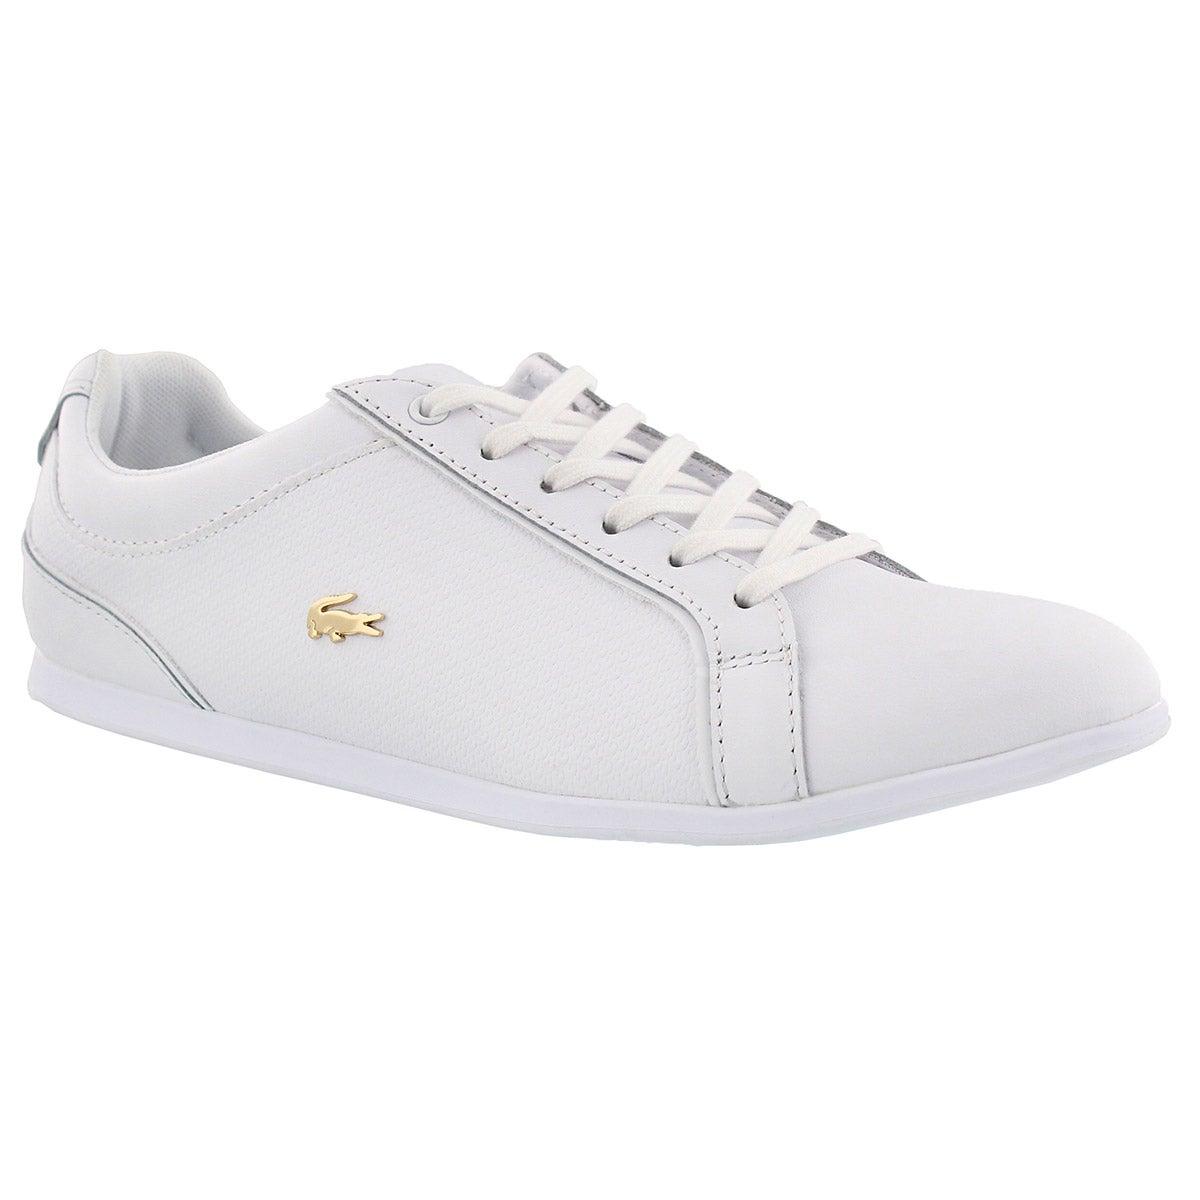 Women's REY LACE 317 white fashion sneakers